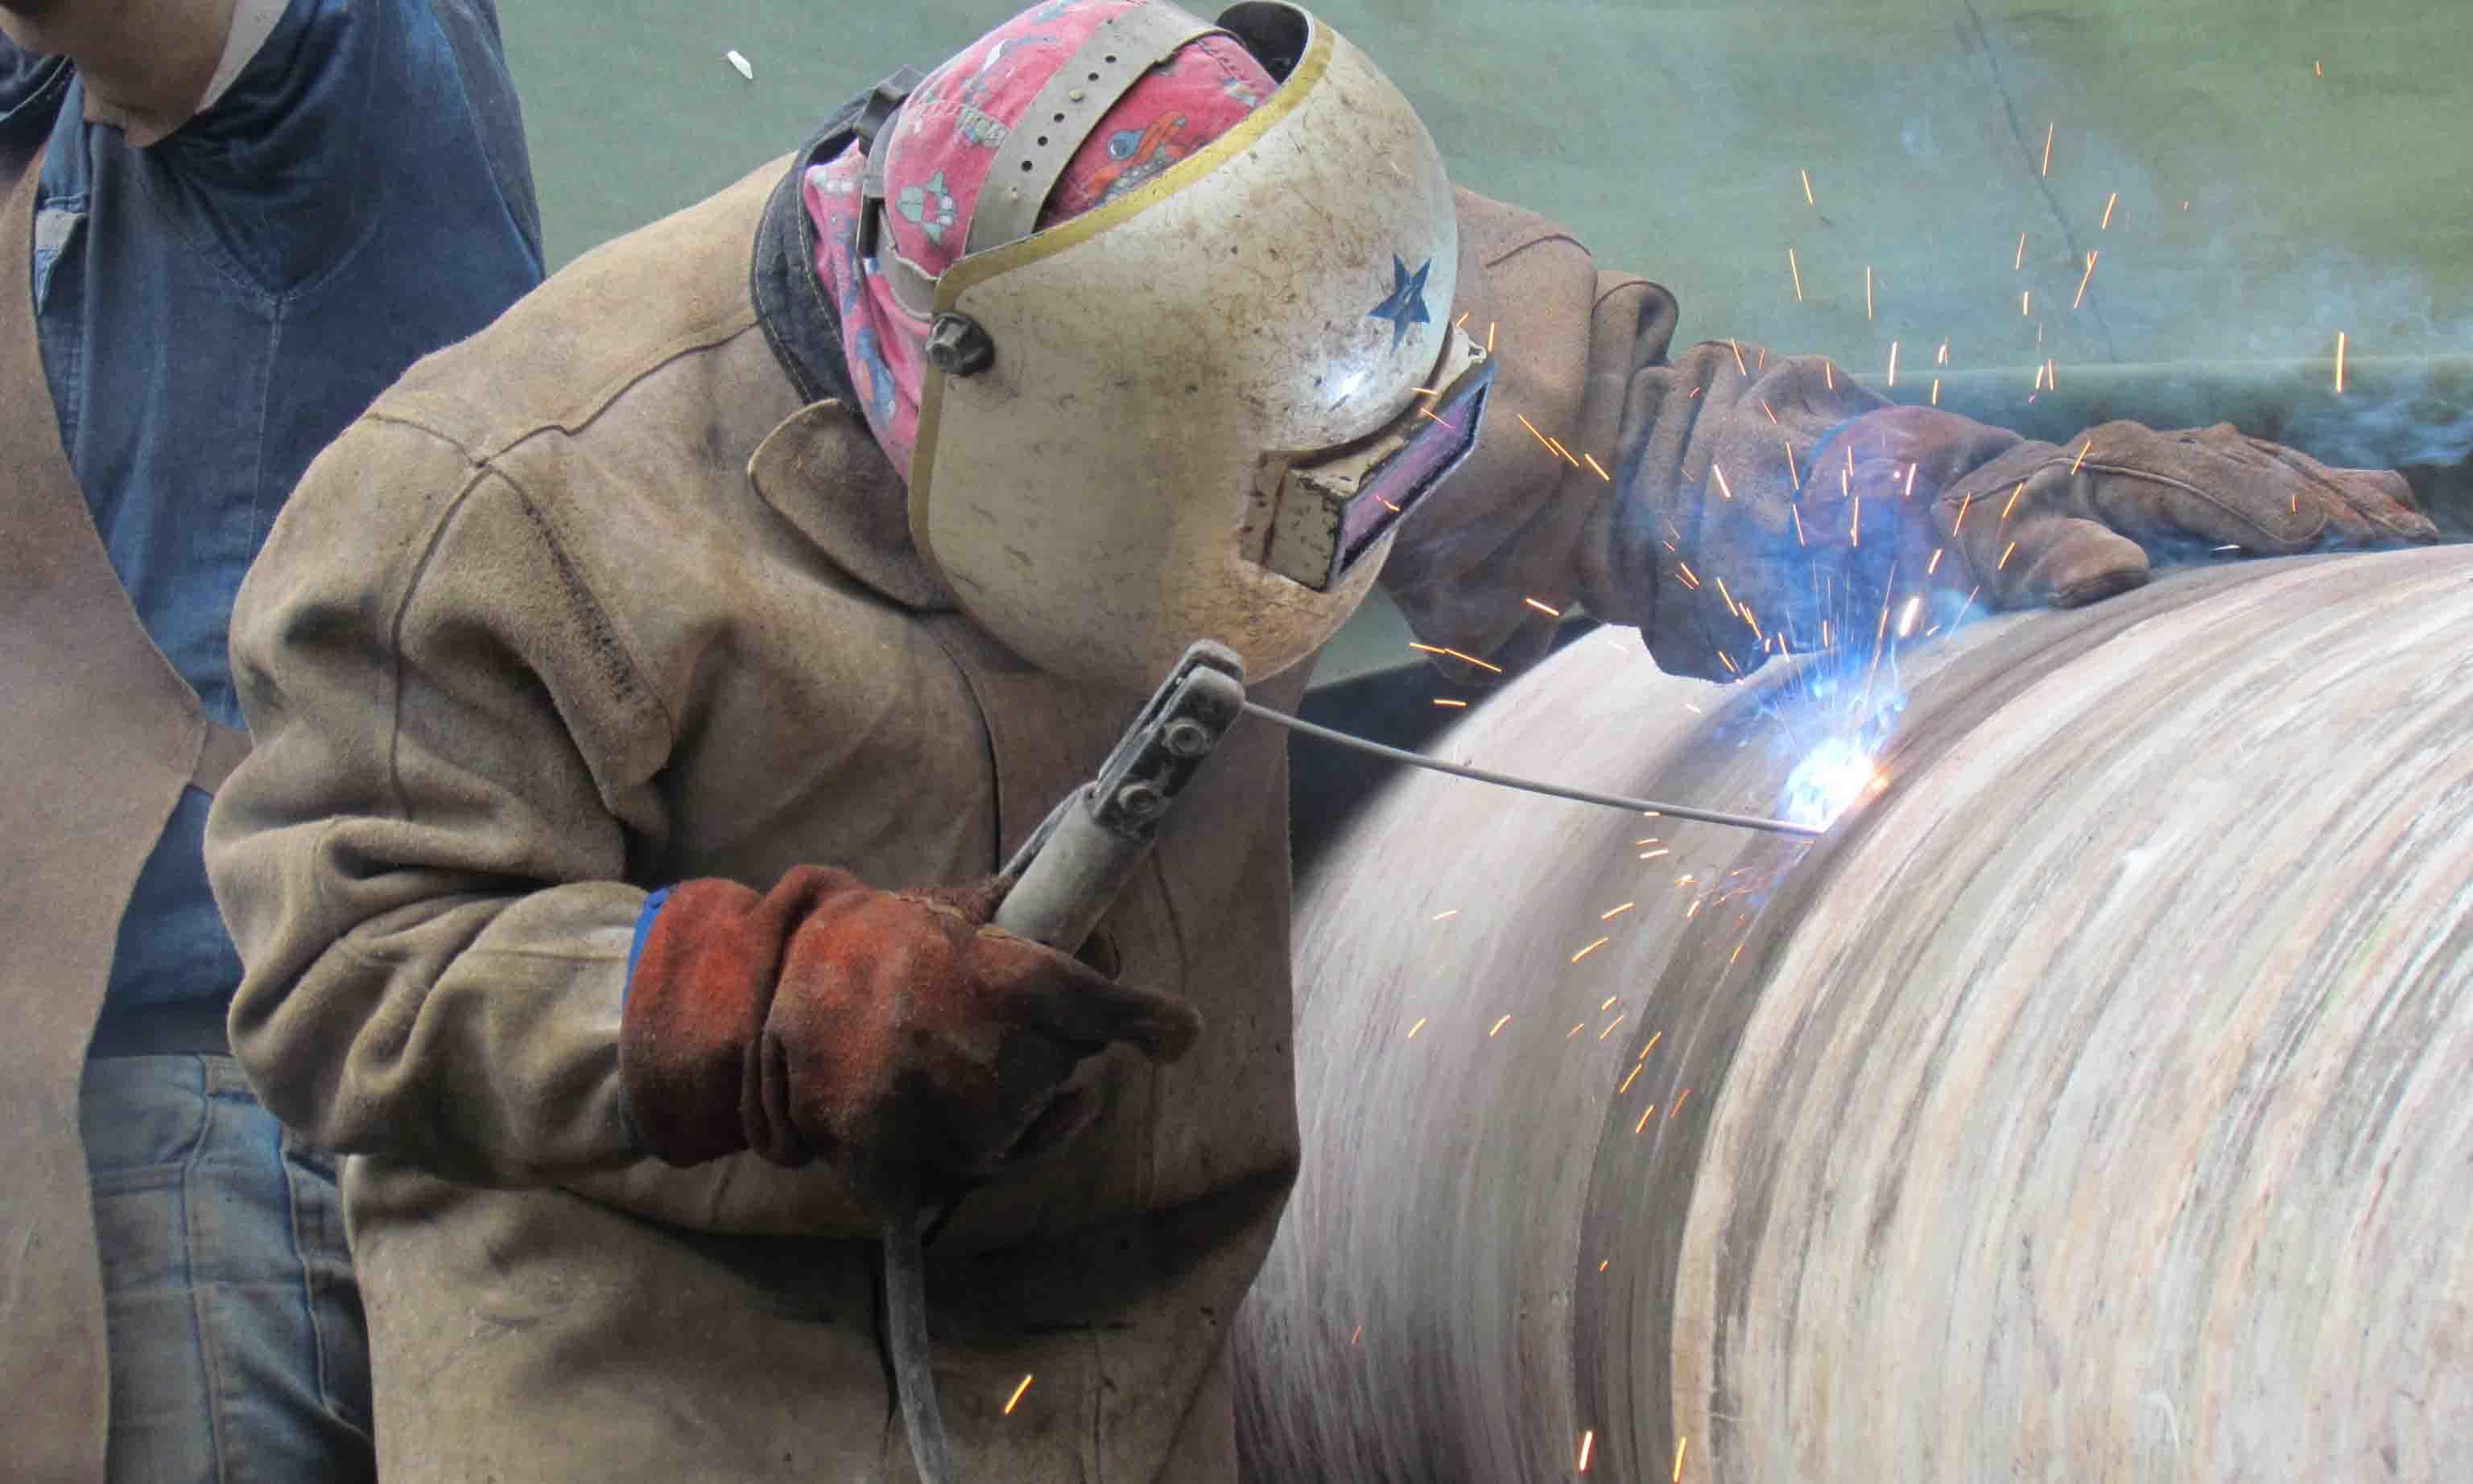 EP Petroecuador concluyó trabajos de construcción del bypass del SOTE y Poliducto, en el sector de San Luis - Napo